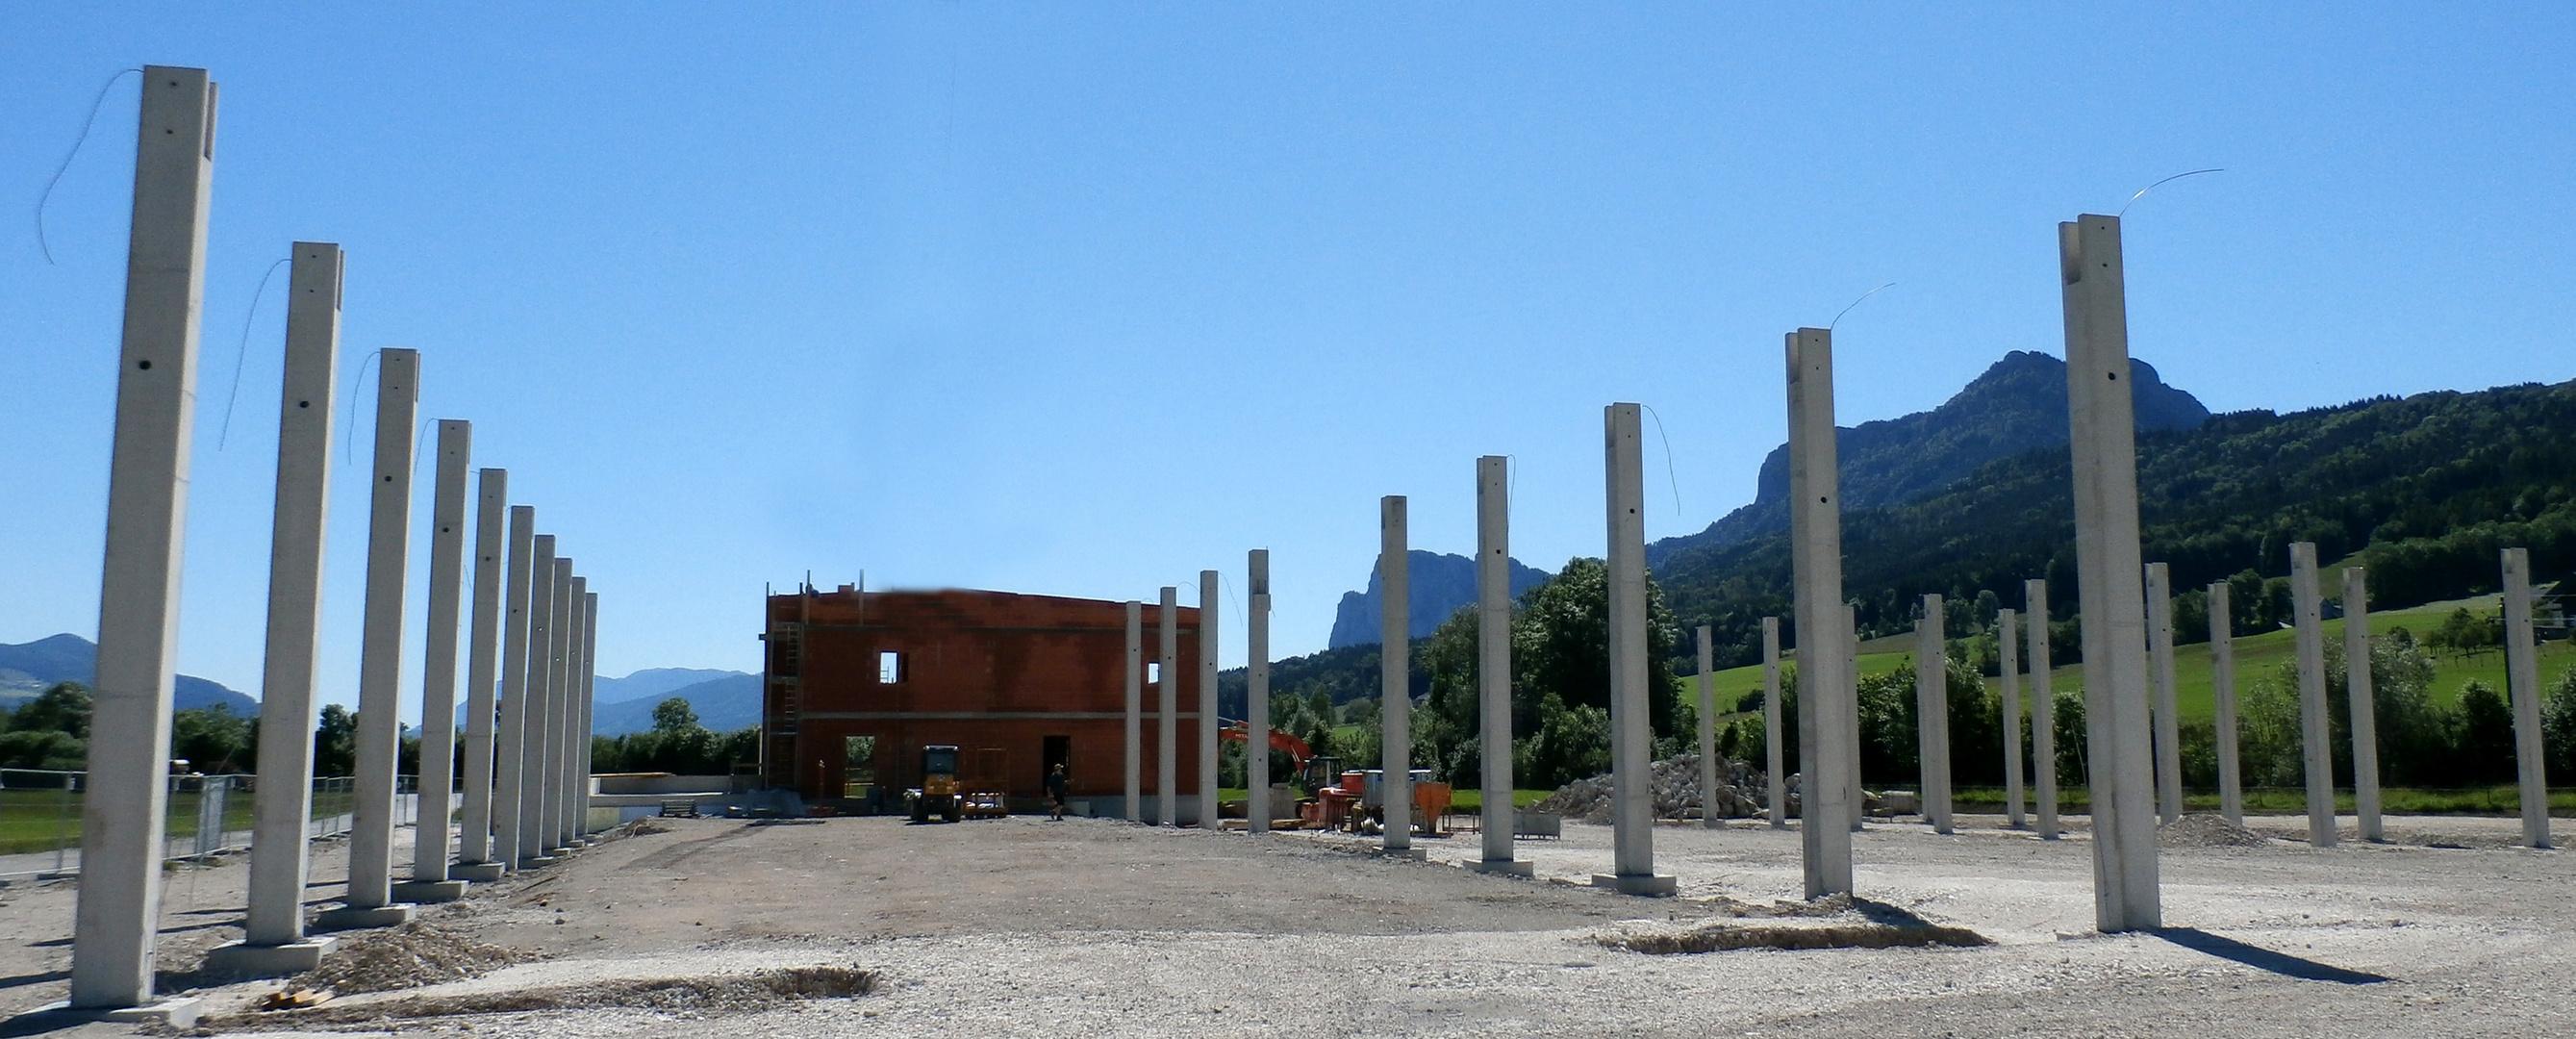 Säulenplantage